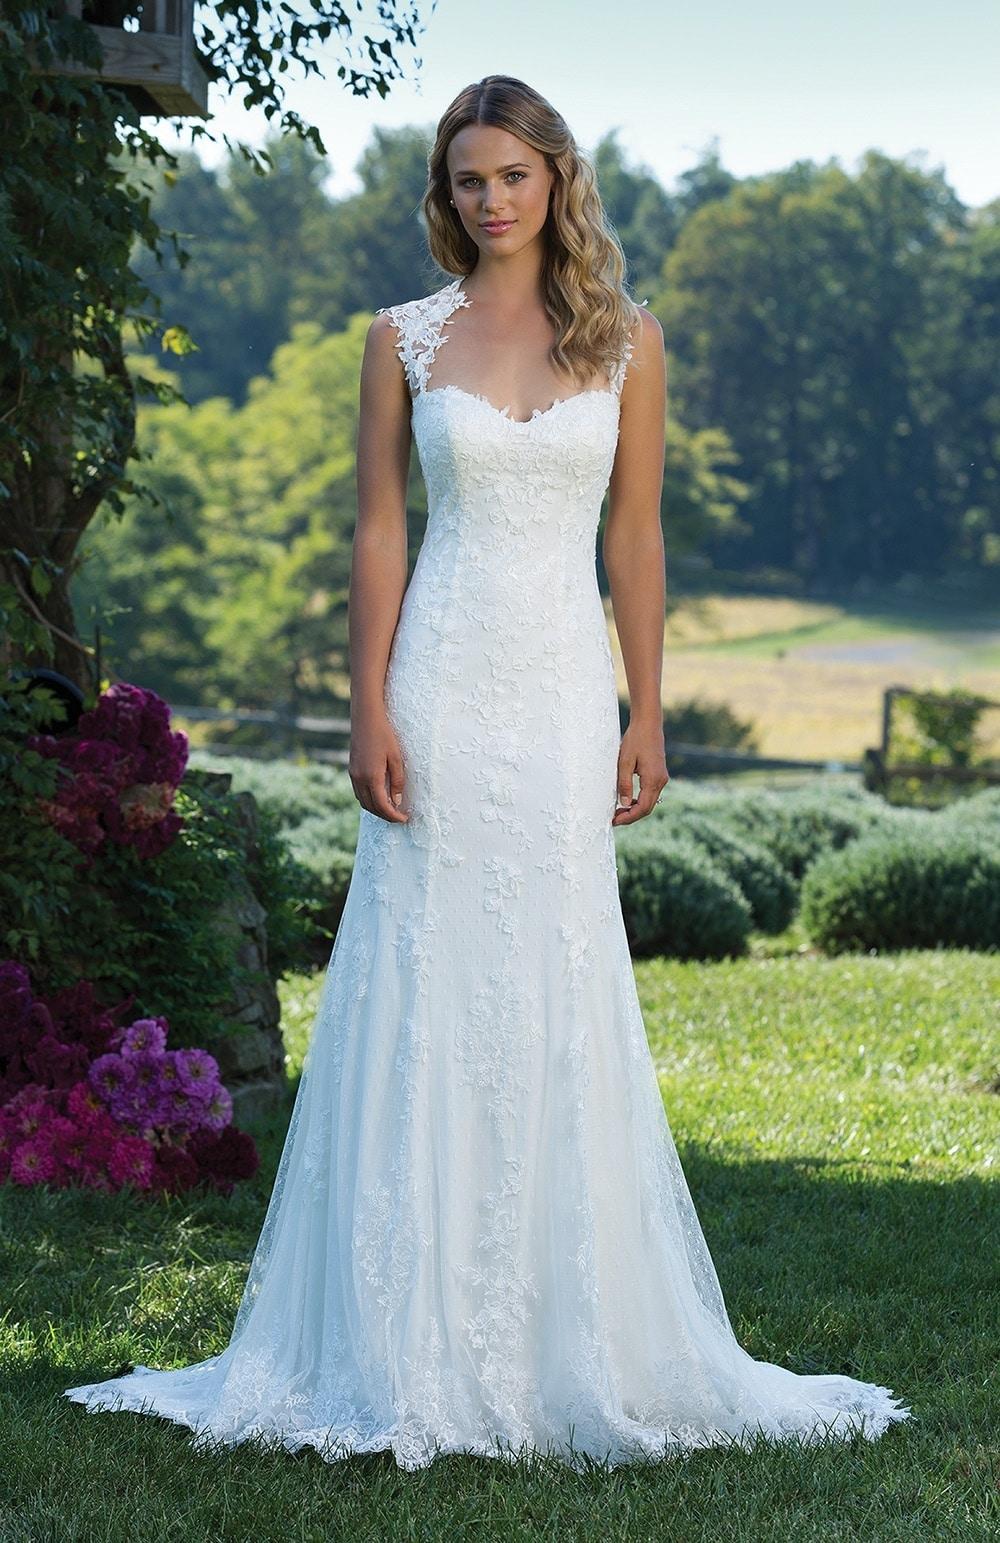 Robe de mariée Modèle Michelle